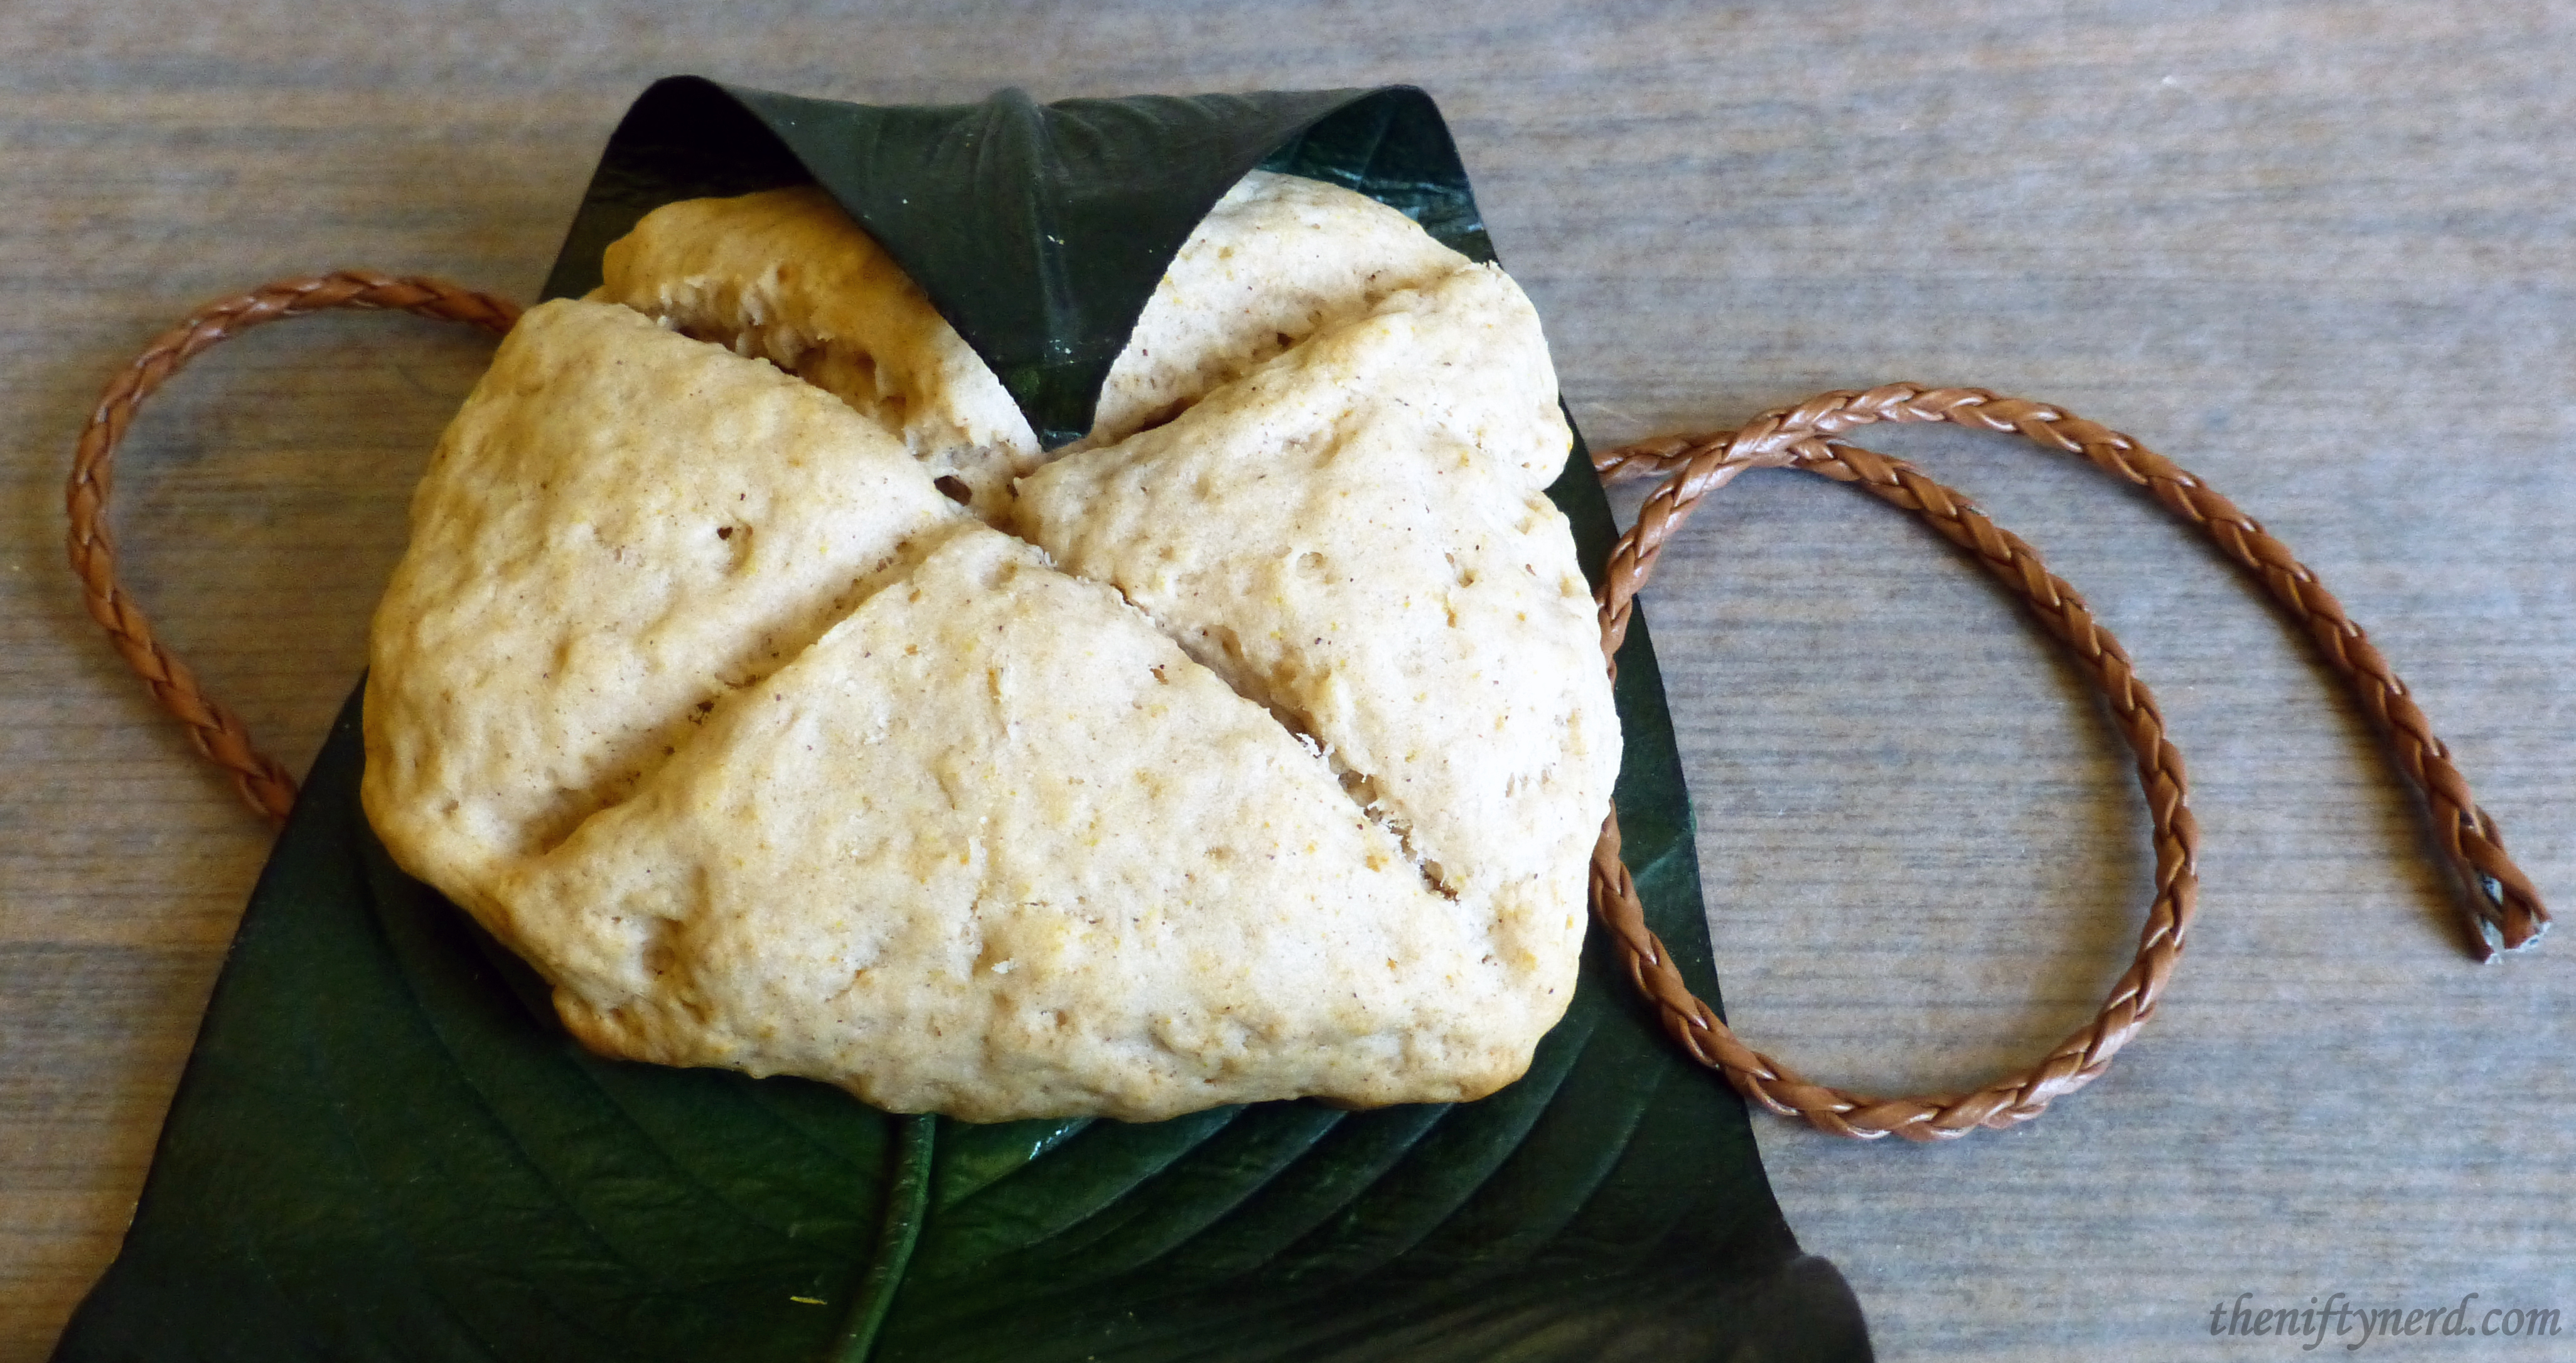 Eleven Lembas bread